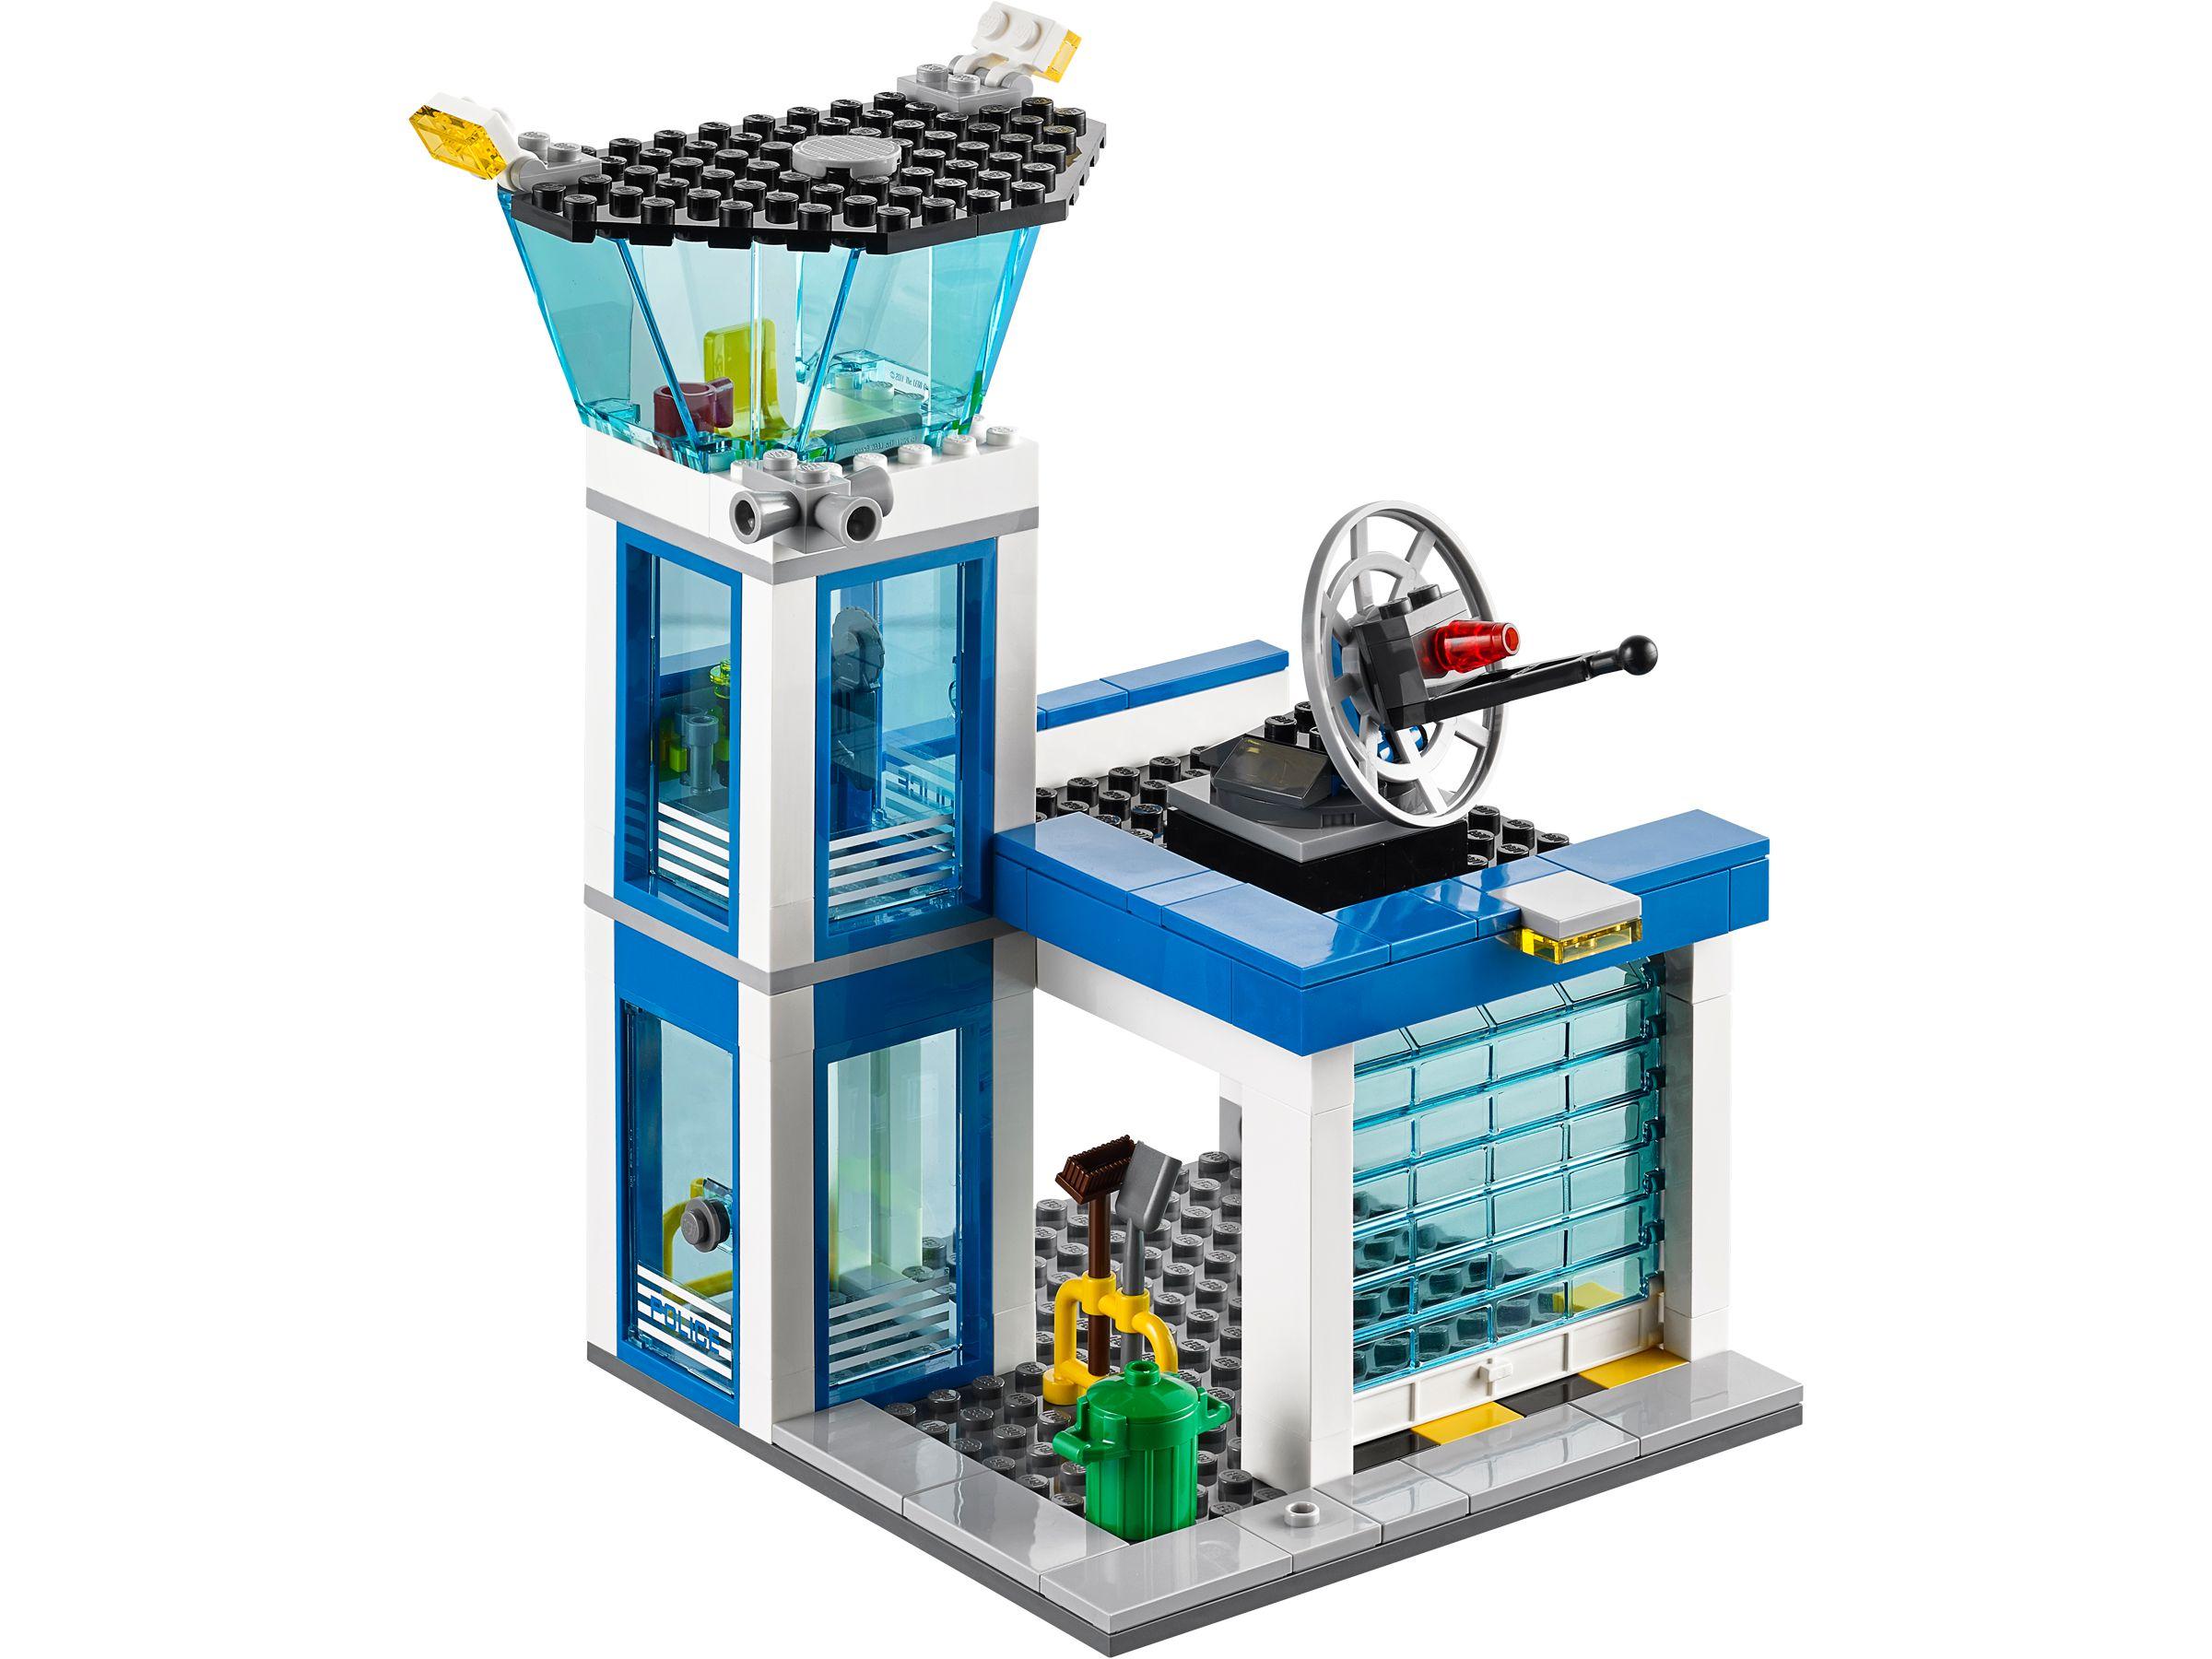 lego 60047 ausbruch aus der polizeistation city 2014 police station brickmerge. Black Bedroom Furniture Sets. Home Design Ideas